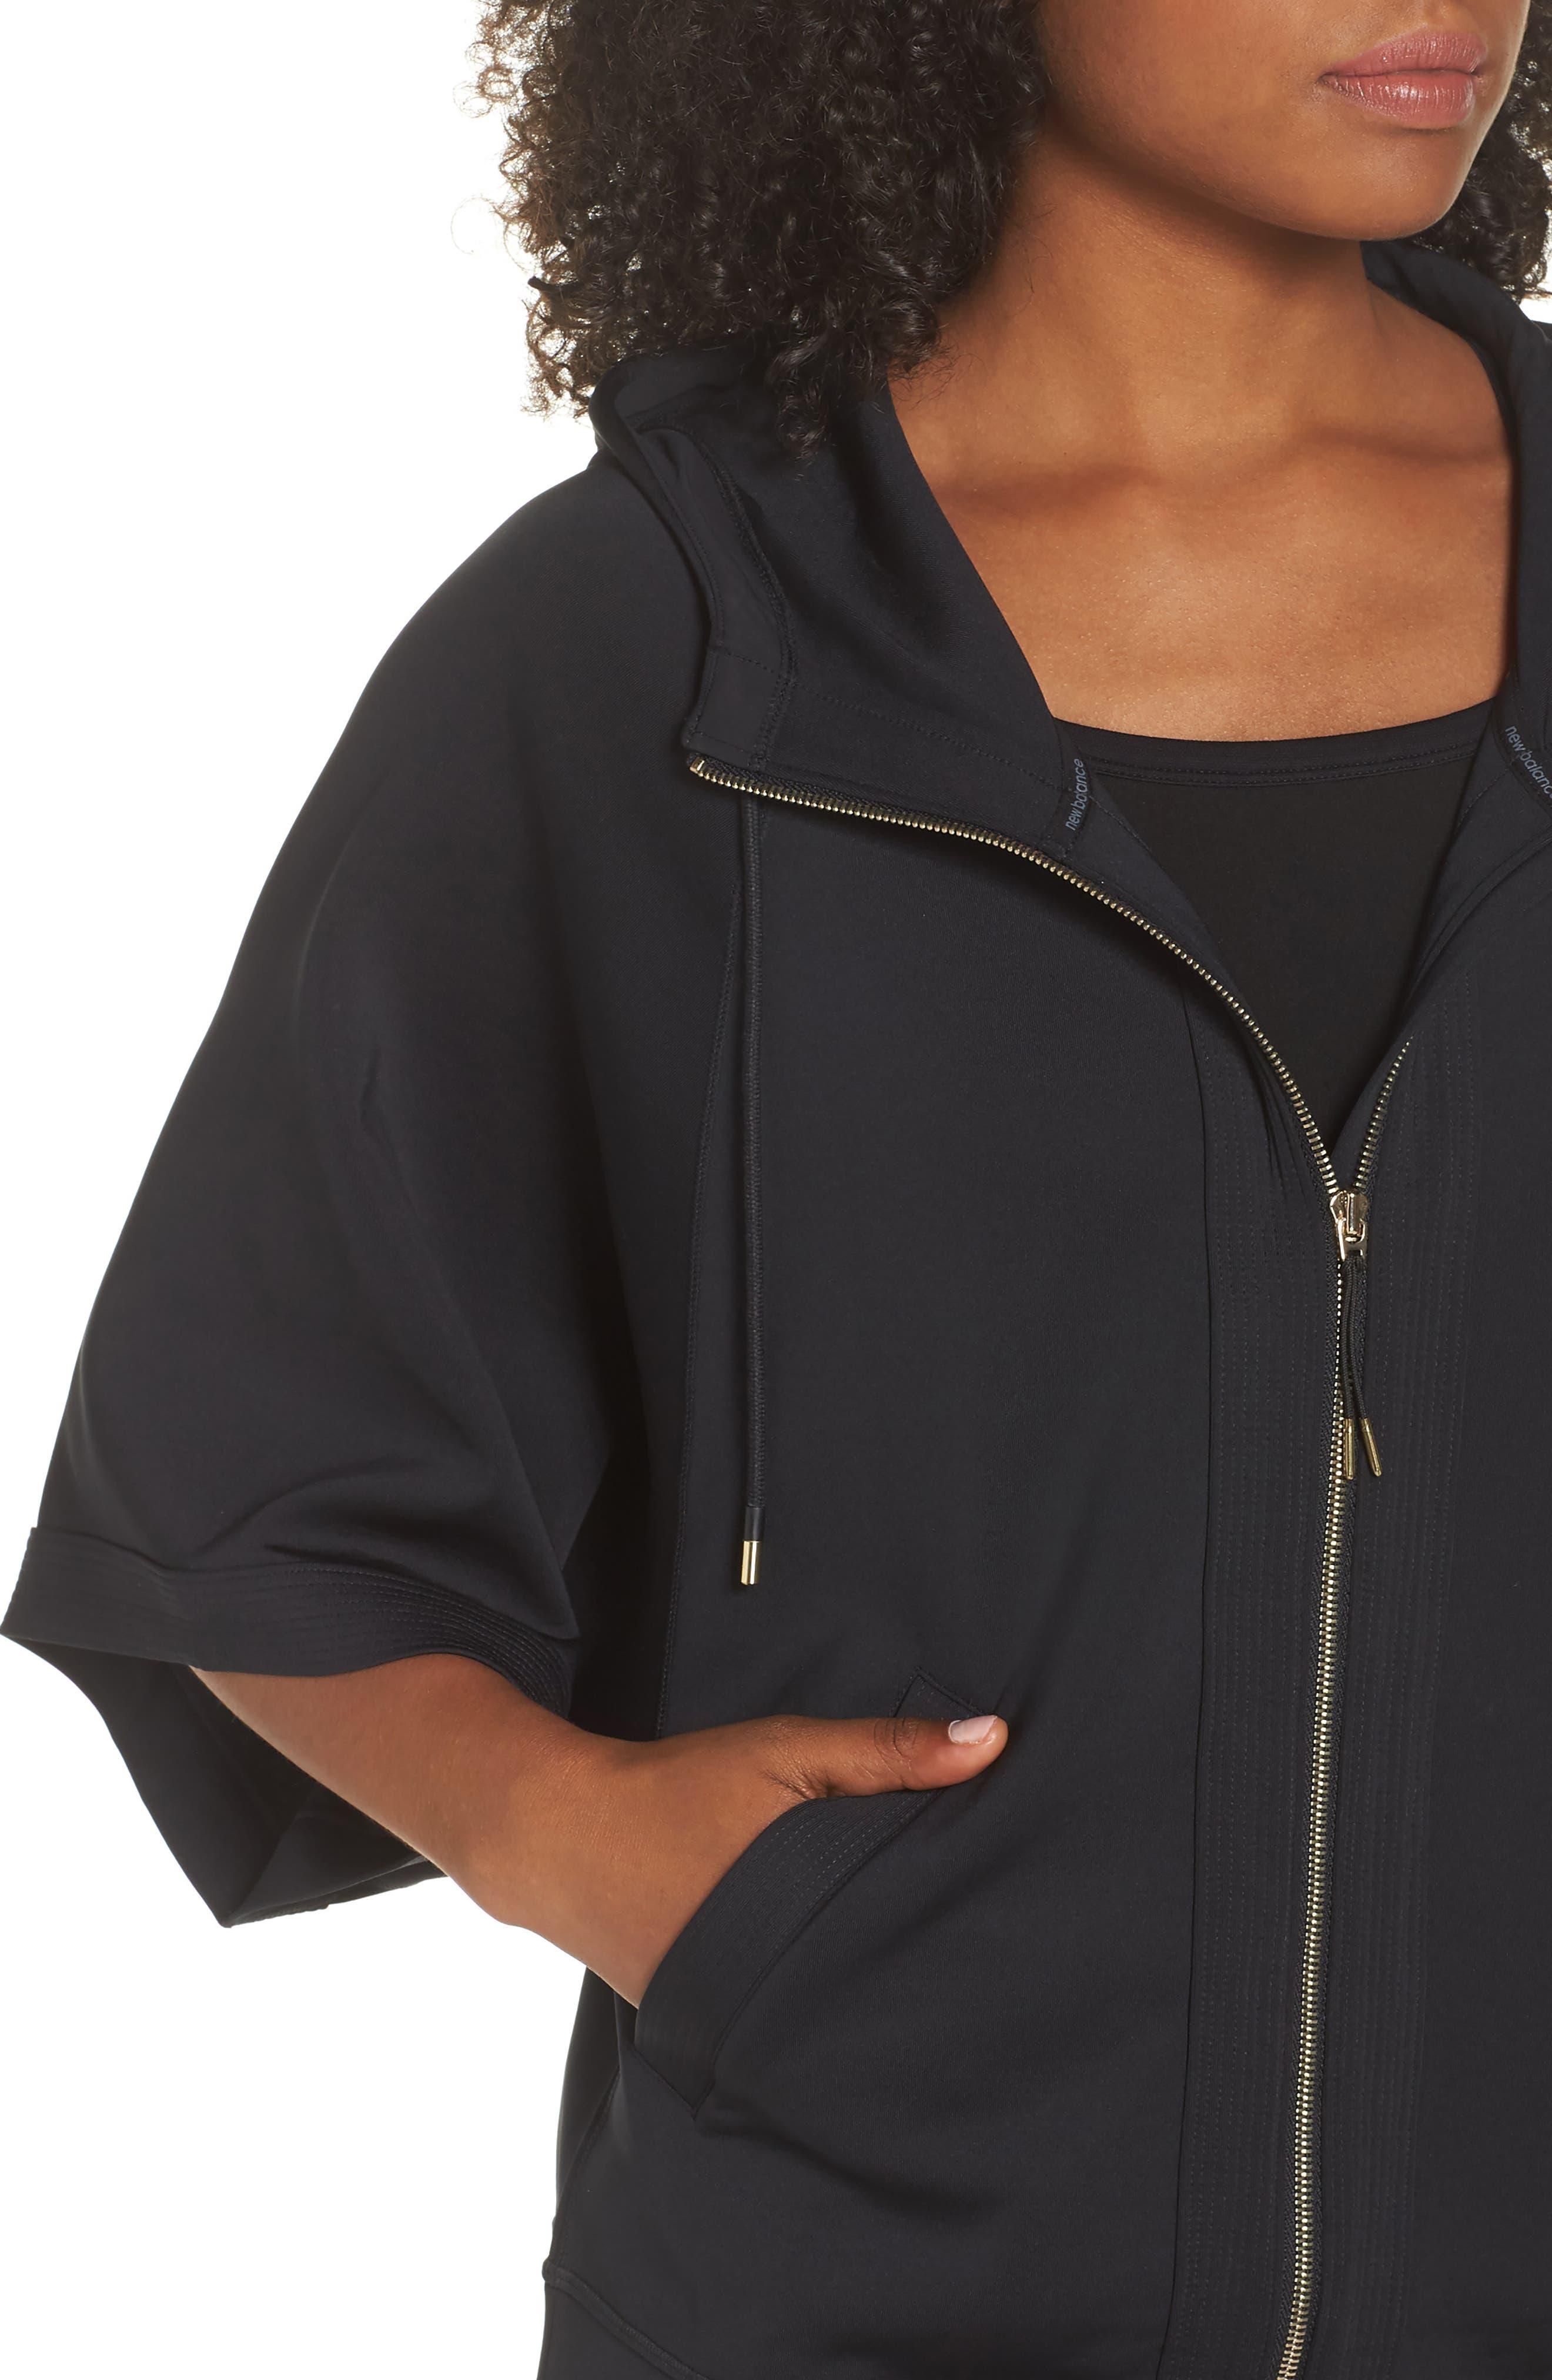 Captivate Kimono Sweatshirt,                             Alternate thumbnail 4, color,                             BLACK